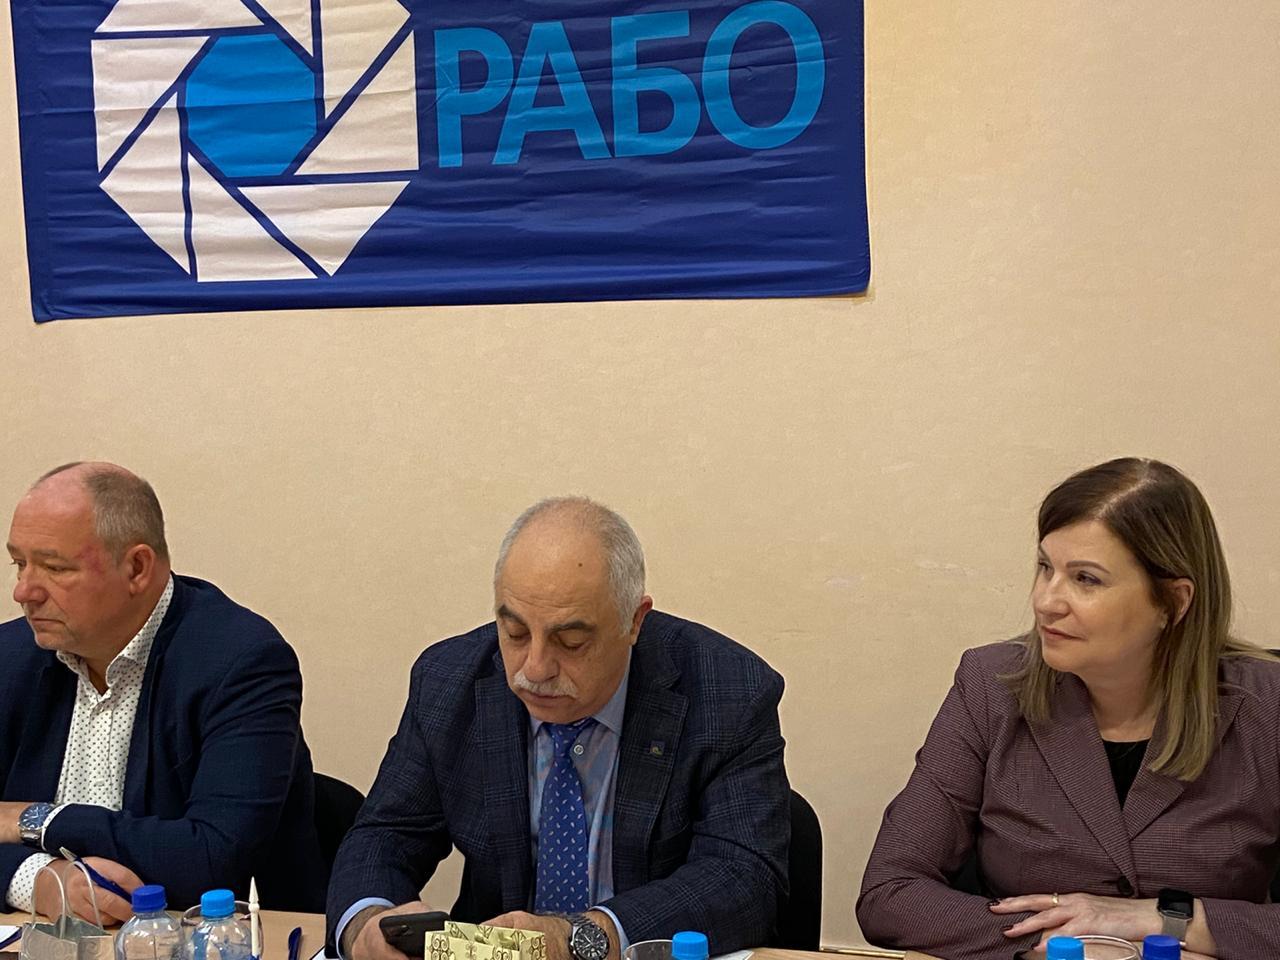 Заседание совета РАБО фото 2